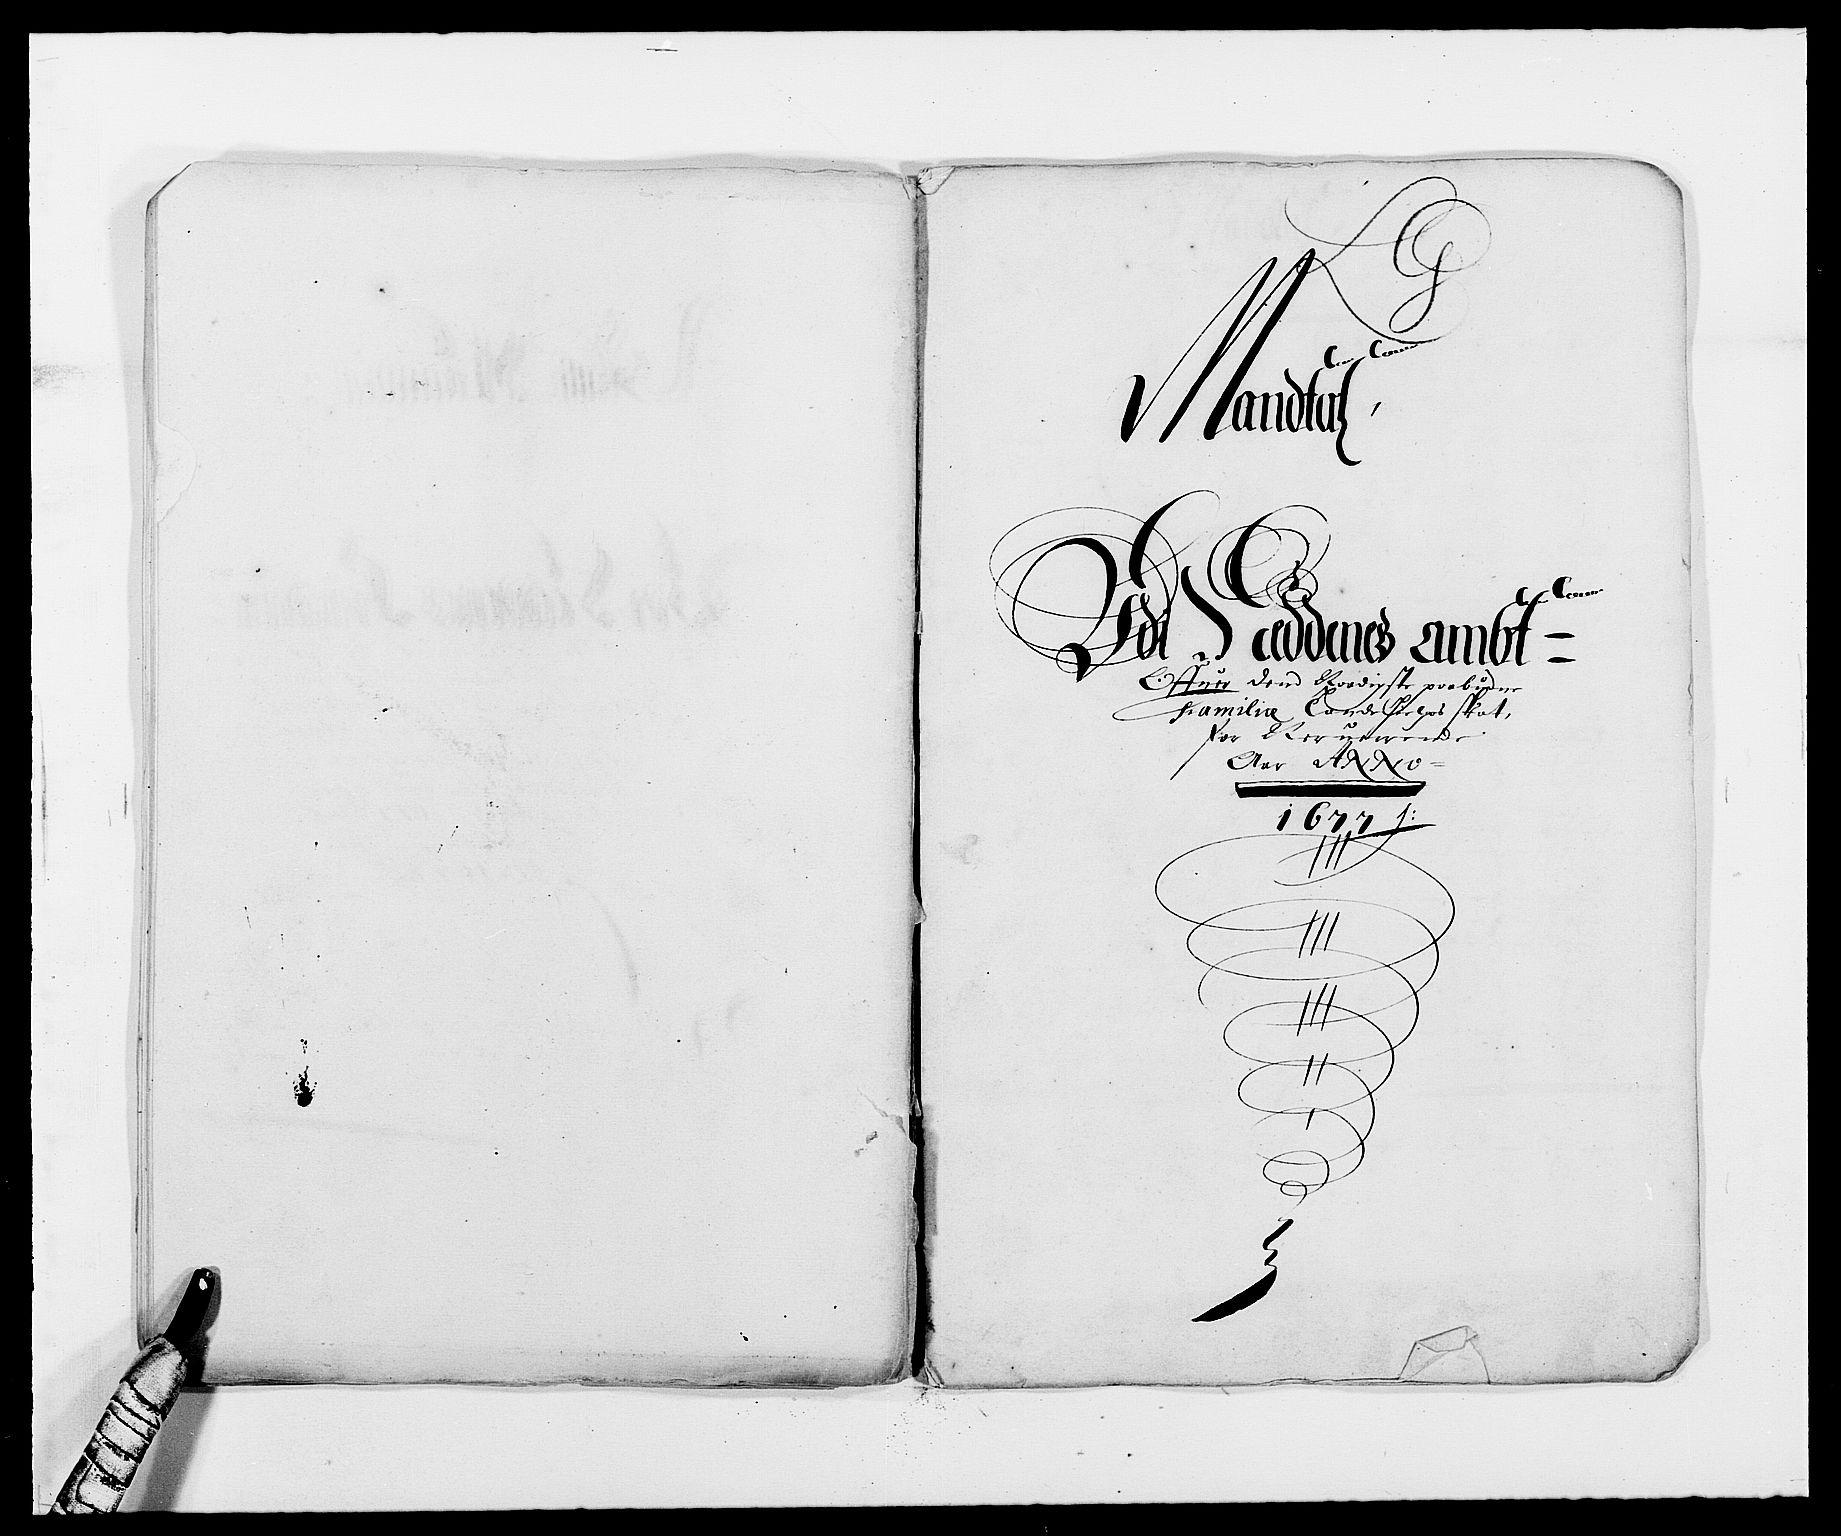 RA, Rentekammeret inntil 1814, Reviderte regnskaper, Fogderegnskap, R39/L2302: Fogderegnskap Nedenes, 1677-1678, s. 149